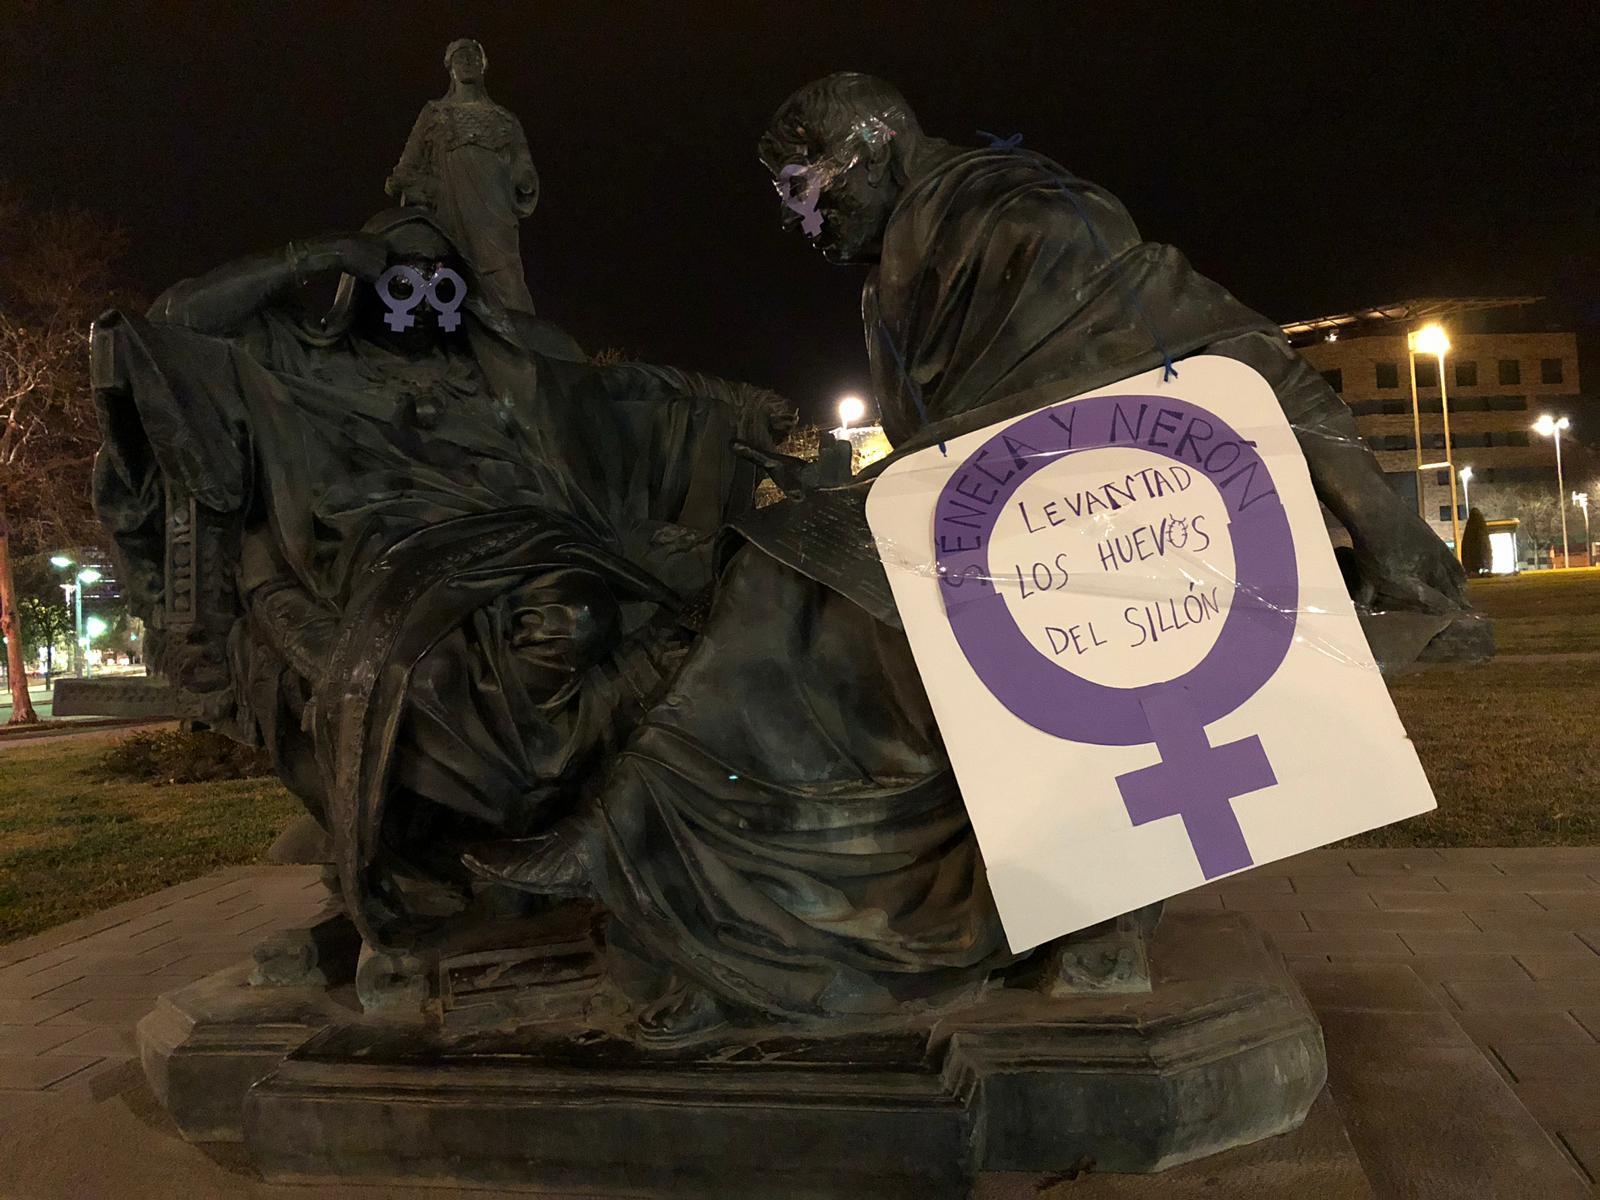 Córdoba amanece feminista: diversas estatuas por toda la ciudad recogen reivindicaciones y mensajes este 8M